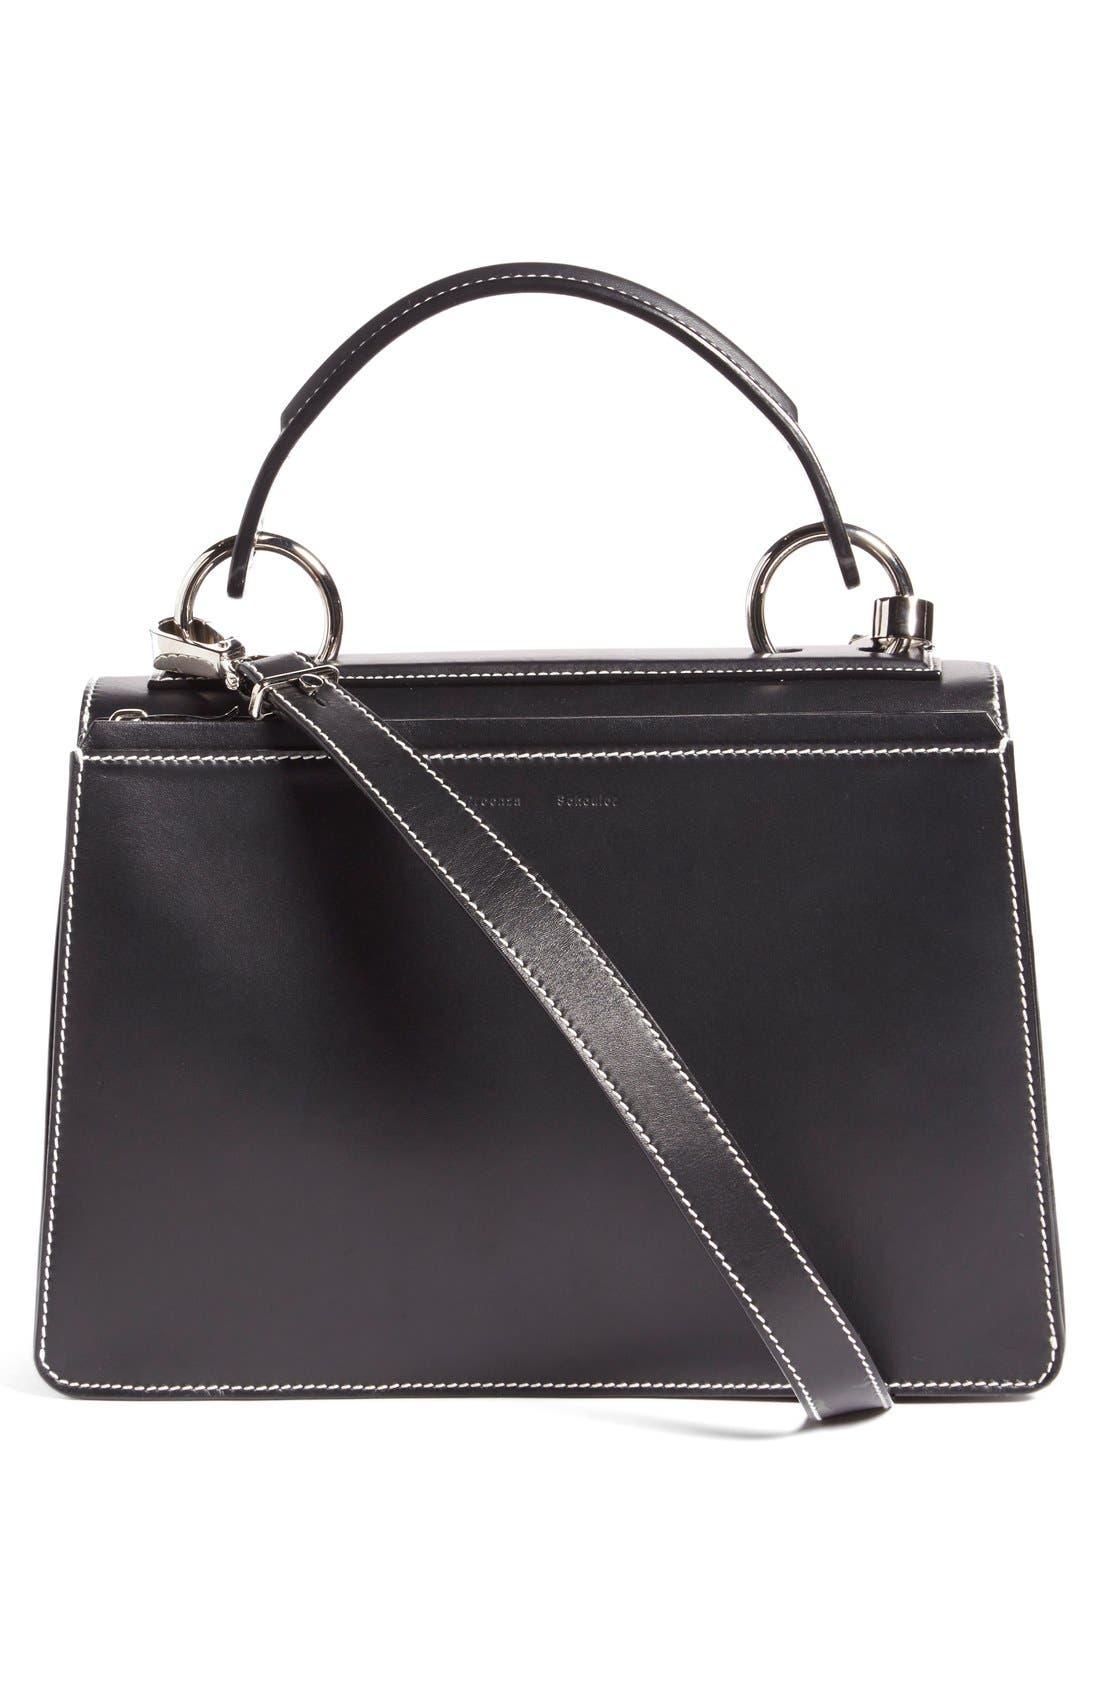 Alternate Image 2  - Proenza Schouler 'Medium Hava' Top Handle Calfskin Leather Satchel